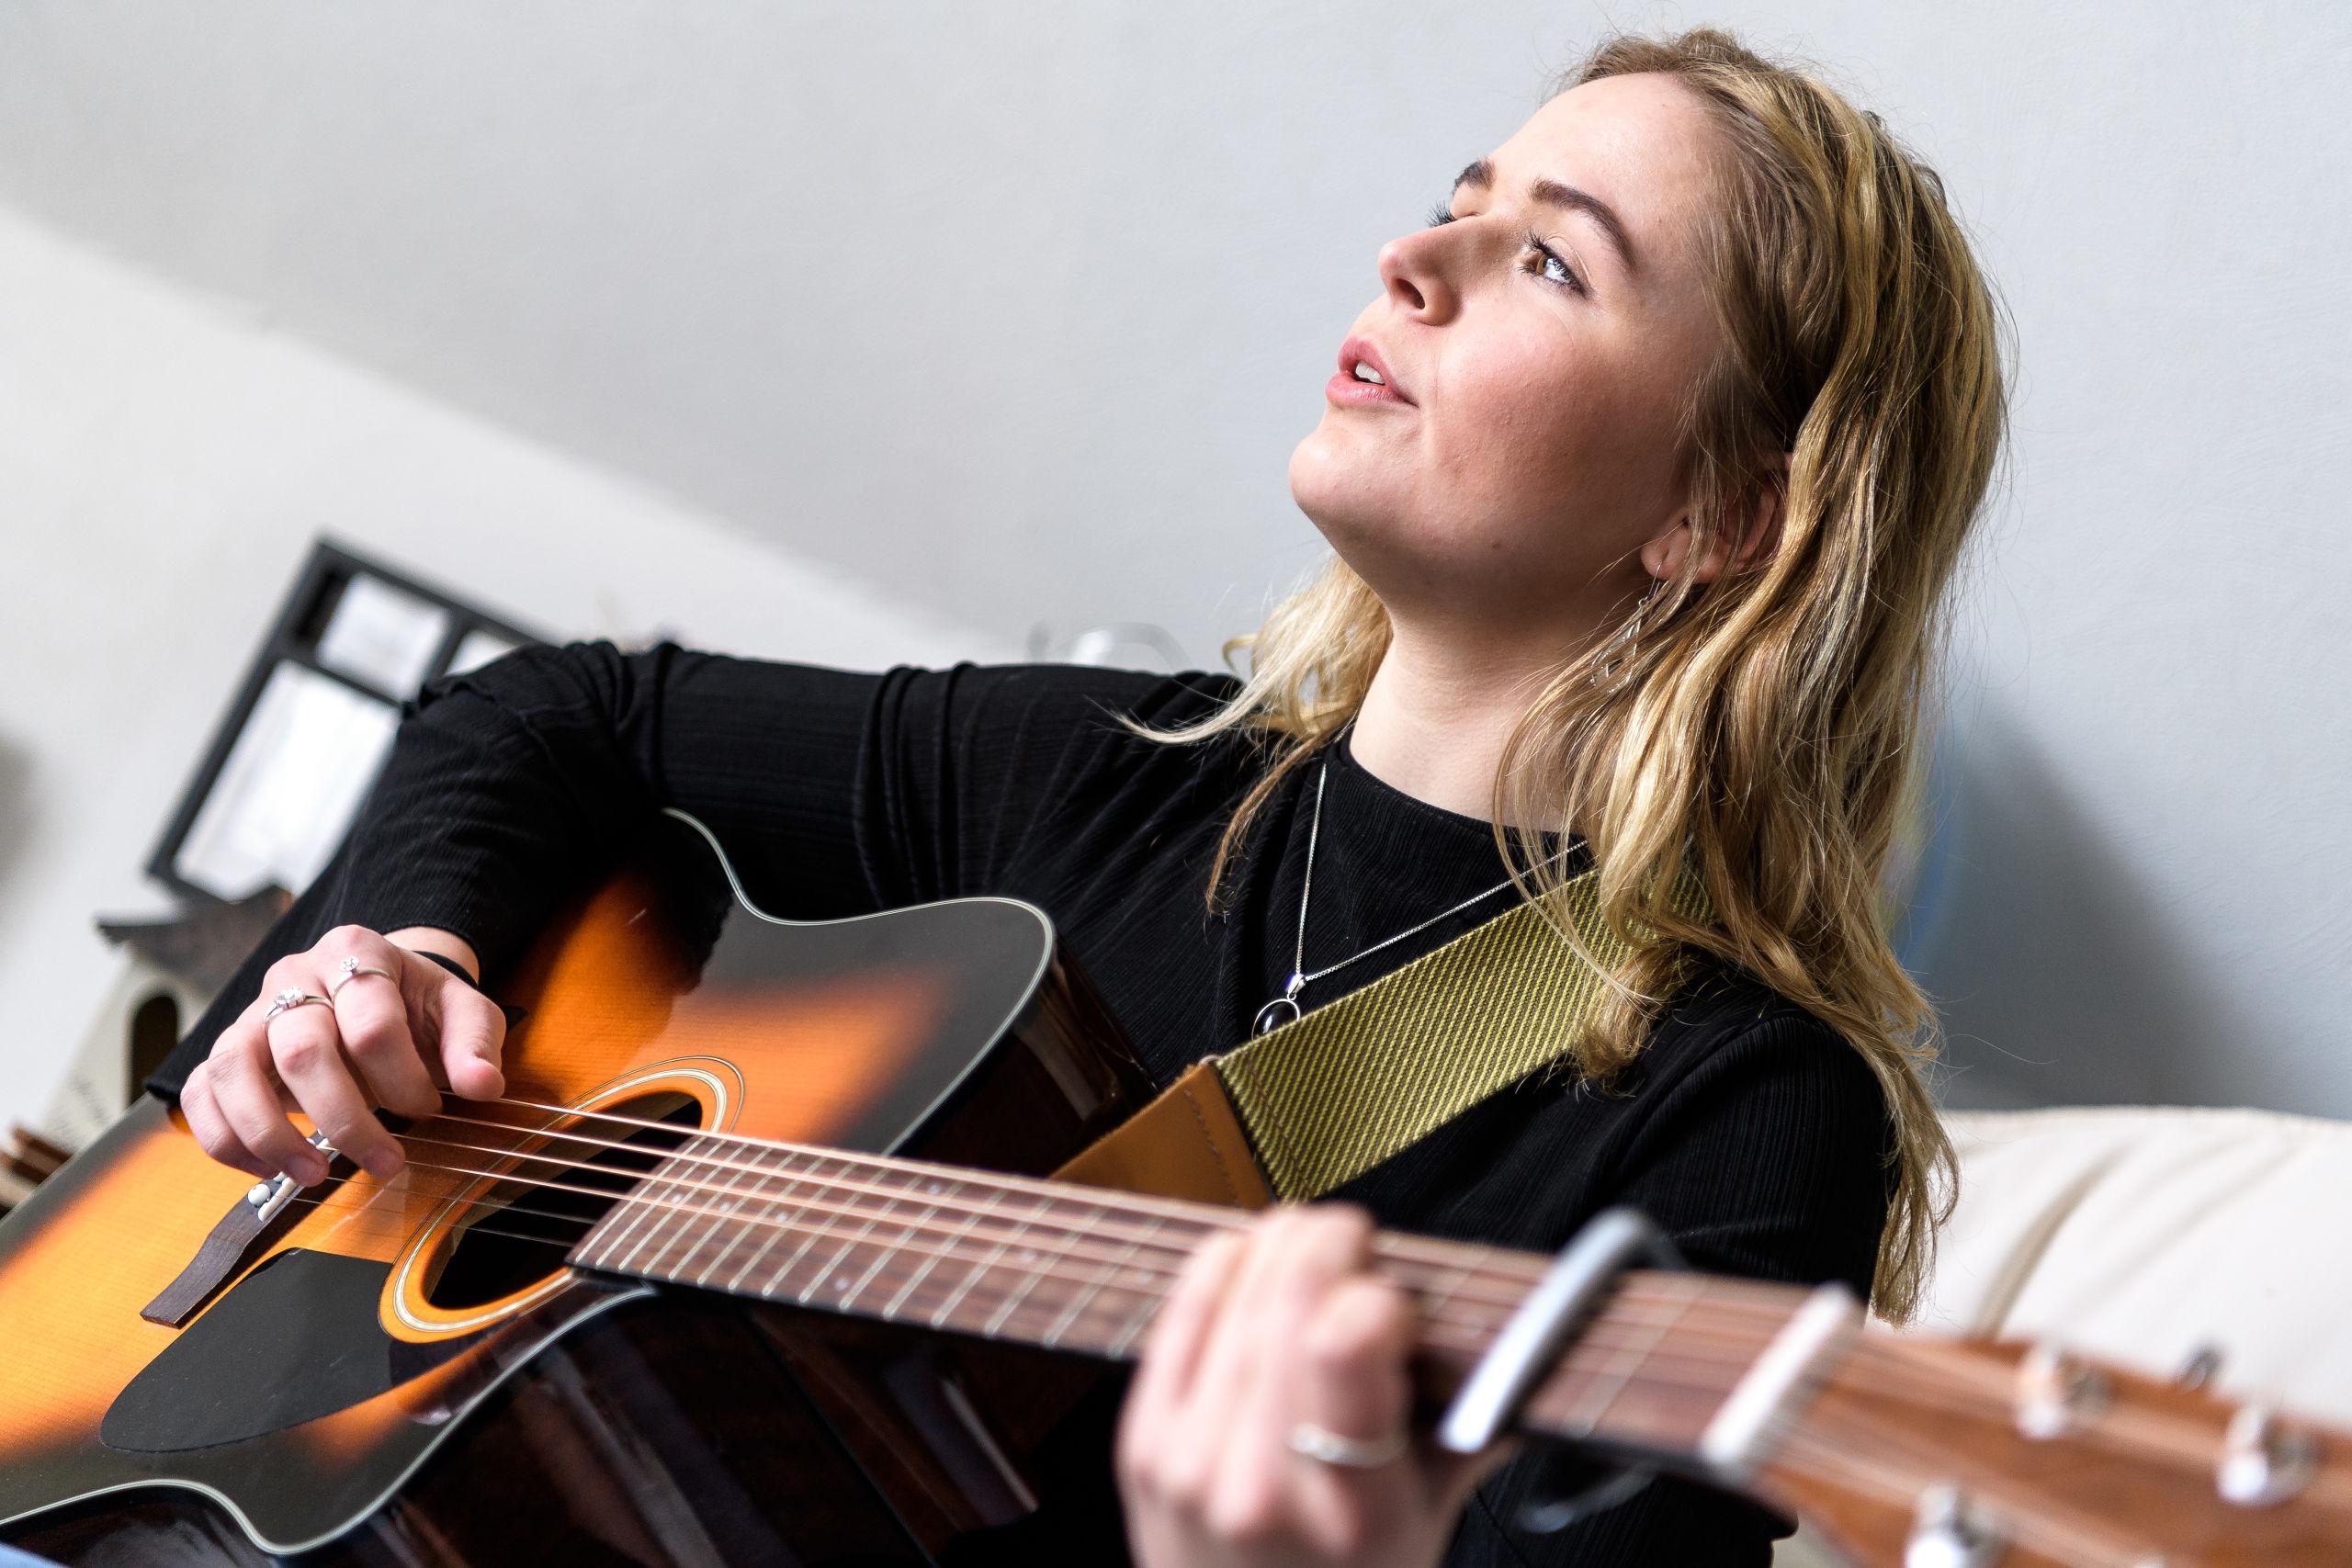 Det nordjyske talent Christine Aggerholm står for underholdningen. Arkivfoto: Nicolas Cho Meier